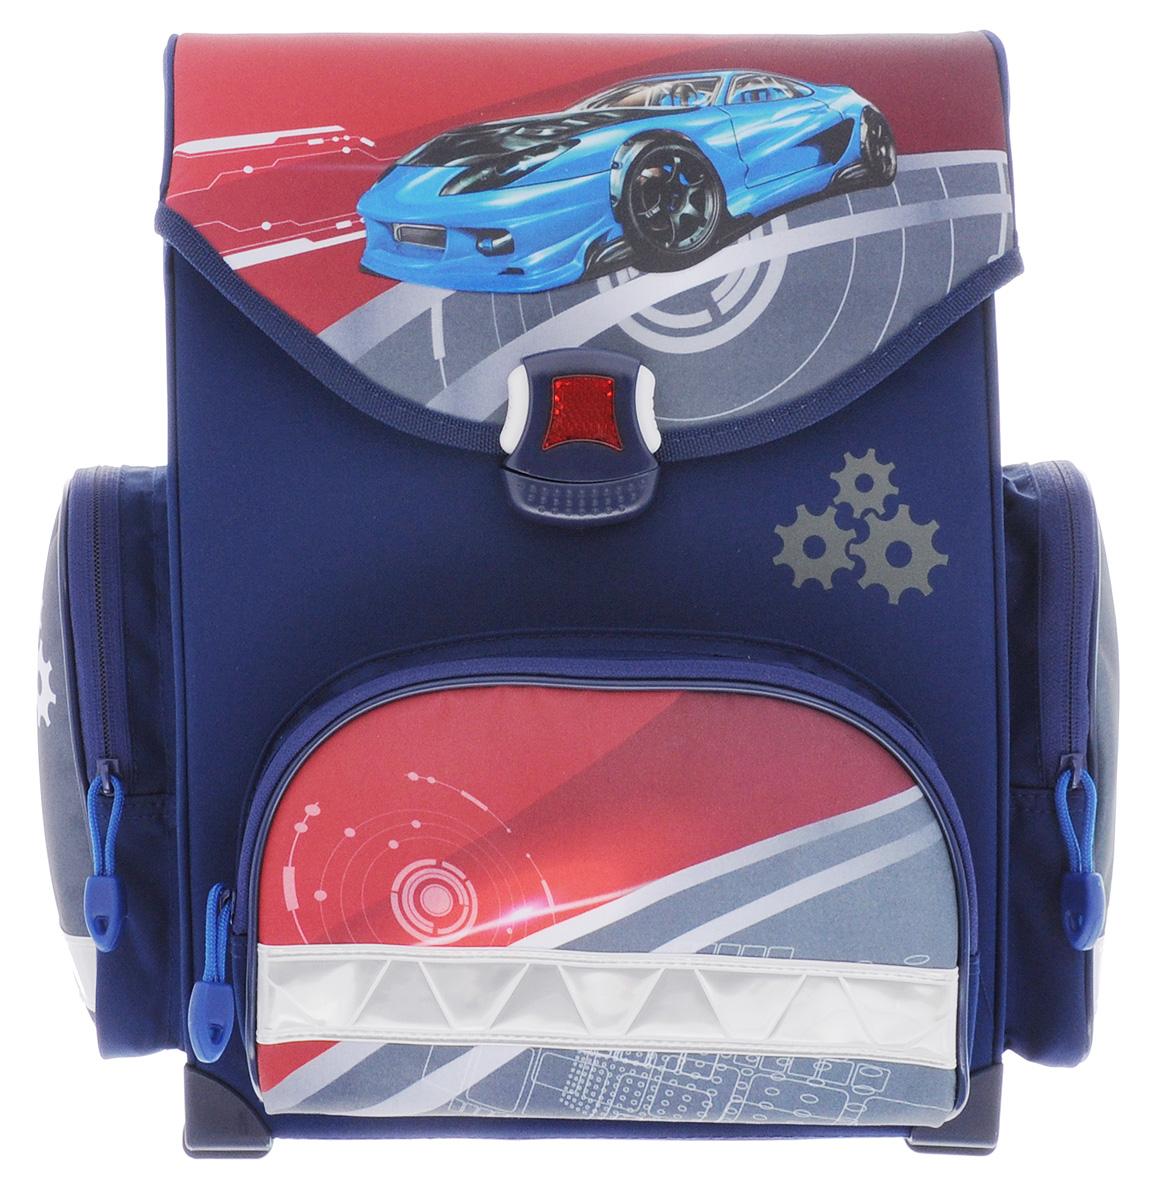 Action! Ранец школьный Спортивная машина11012/A/2BЯркий школьный ранец Action! Спортивная машина обязательно привлечет внимание школьника. Ранец выполнен из материалов высшего качества с водоотталкивающей пропиткой.Содержит одно вместительное отделение, закрывающееся клапаном на удобный защелкивающийся замок со встроенным светоотражателем, который легко открывать и закрывать. Внутри отделения имеется перегородка для тетрадей или учебников, а также навесной кармашек на молнии. Клапан полностью откидывается, что существенно облегчает пользование ранцем. На внутренней части клапана находится прозрачный пластиковый кармашек, в который можно поместить информацию о владельце. Ранец имеет два боковых кармана на молнии. Лицевая сторона ранца оснащена накладным карманом на застежке-молнии, который отлично подойдет для пенала.Конструкция спинки ранца дополнена эргономичными подушечками, противоскользящей сеточкой и системой вентиляции для предотвращения запотевания спины ребенка. Мягкие широкие лямки позволяют легко и быстро отрегулировать изделие в соответствии с ростом. Надежная ручка для переноски ранца в руке удобна как для ребенка, так и для его родителей. Пластиковые ножки на дне ранца обеспечивают хорошую устойчивость и защиту от загрязнений. Светоотражающие элементы придают дополнительную безопасность в темное время суток.Многофункциональный школьный ранец станет незаменимым спутником вашего ребенка в походах за знаниями.Вес ранца без наполнения: 880 г.